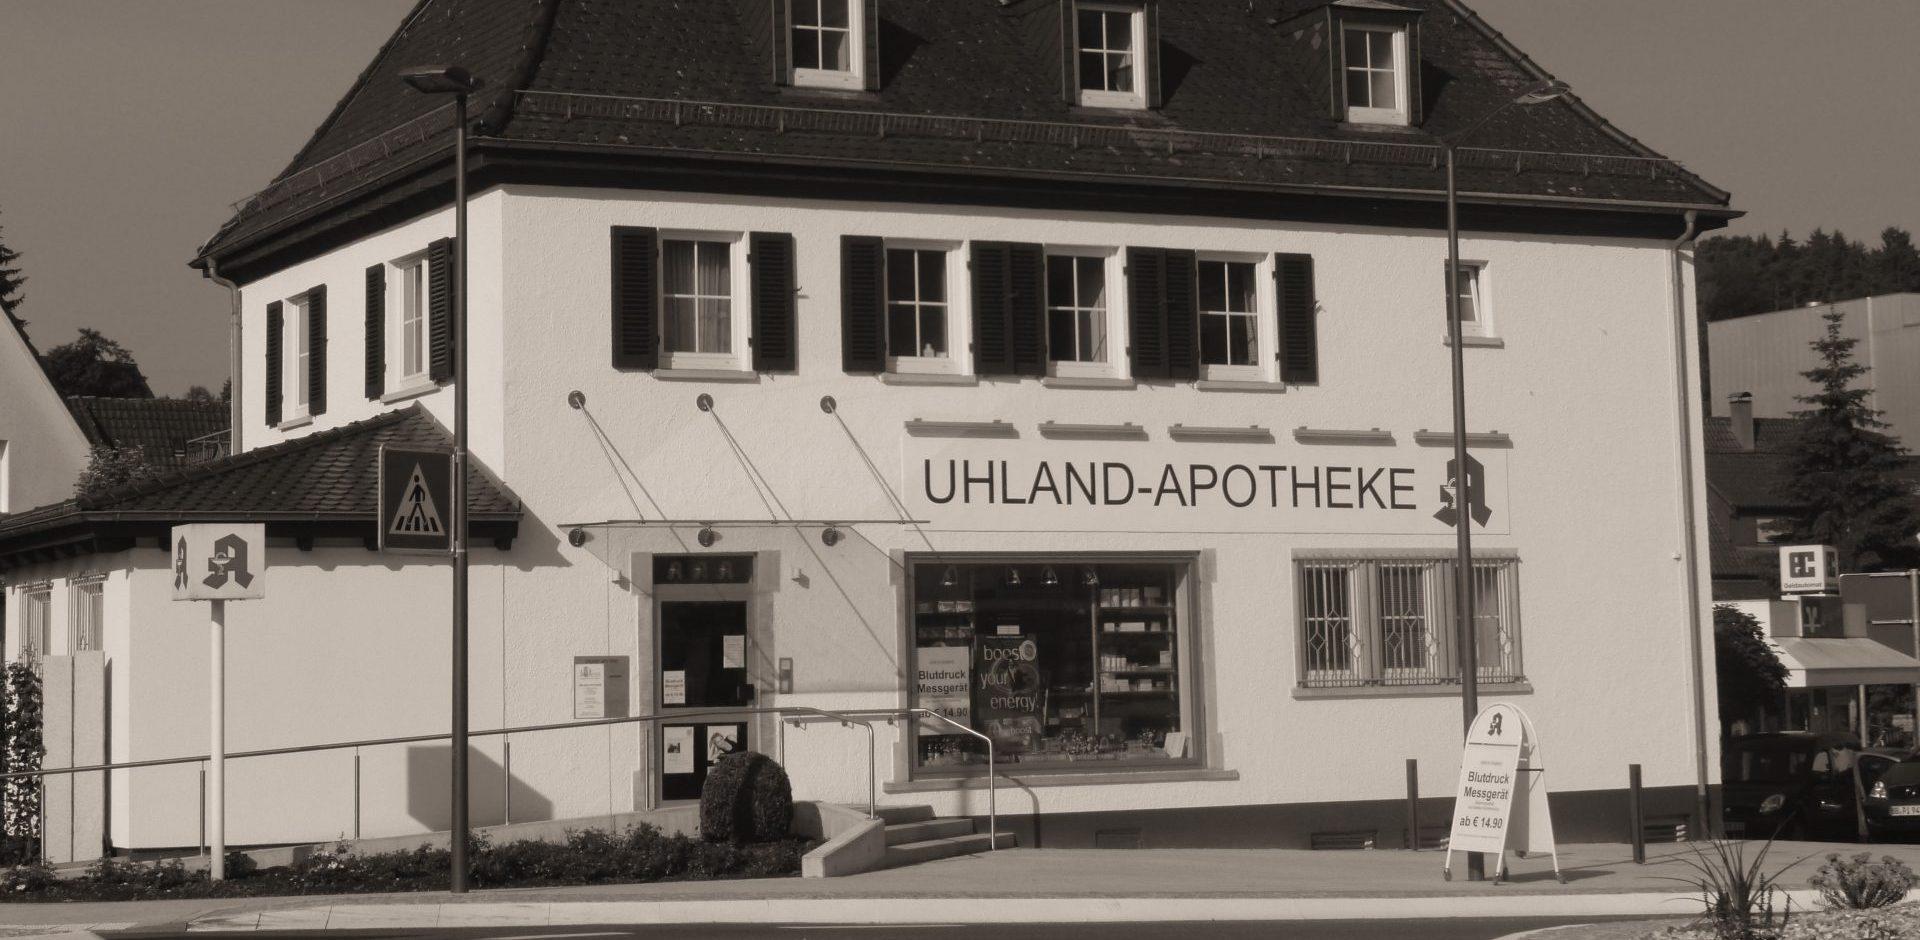 Uhland-Apotheke Waldenbuch